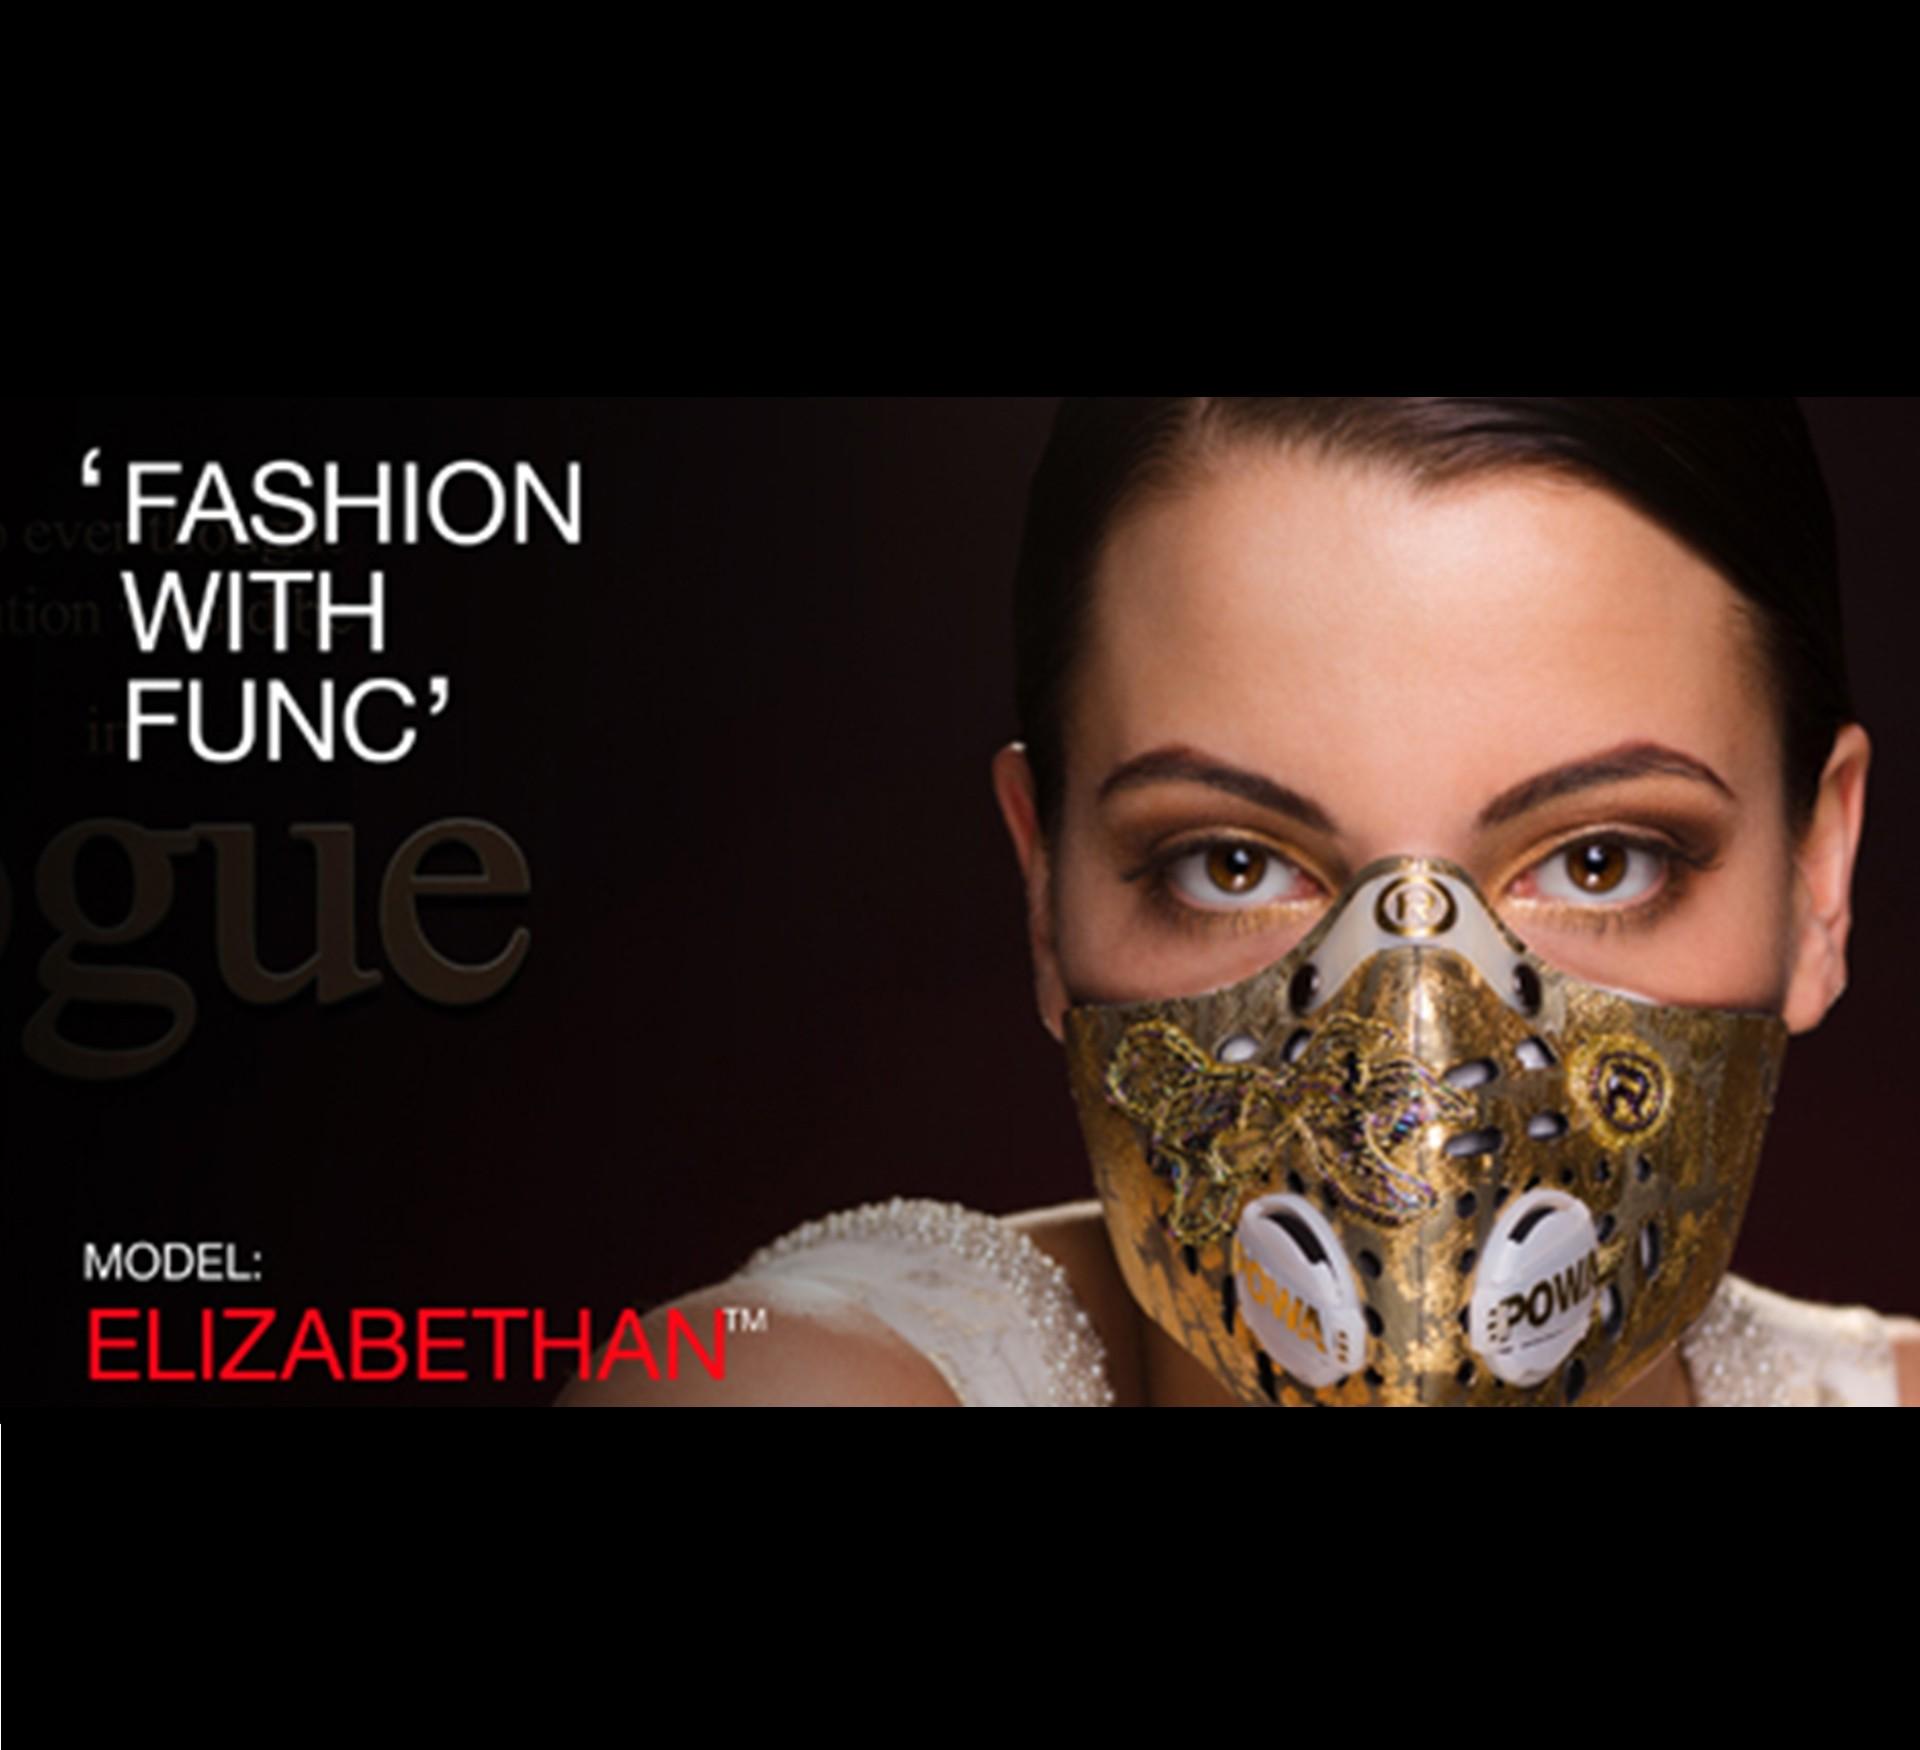 ELIZABETHAN- FASHION PROMOTION -